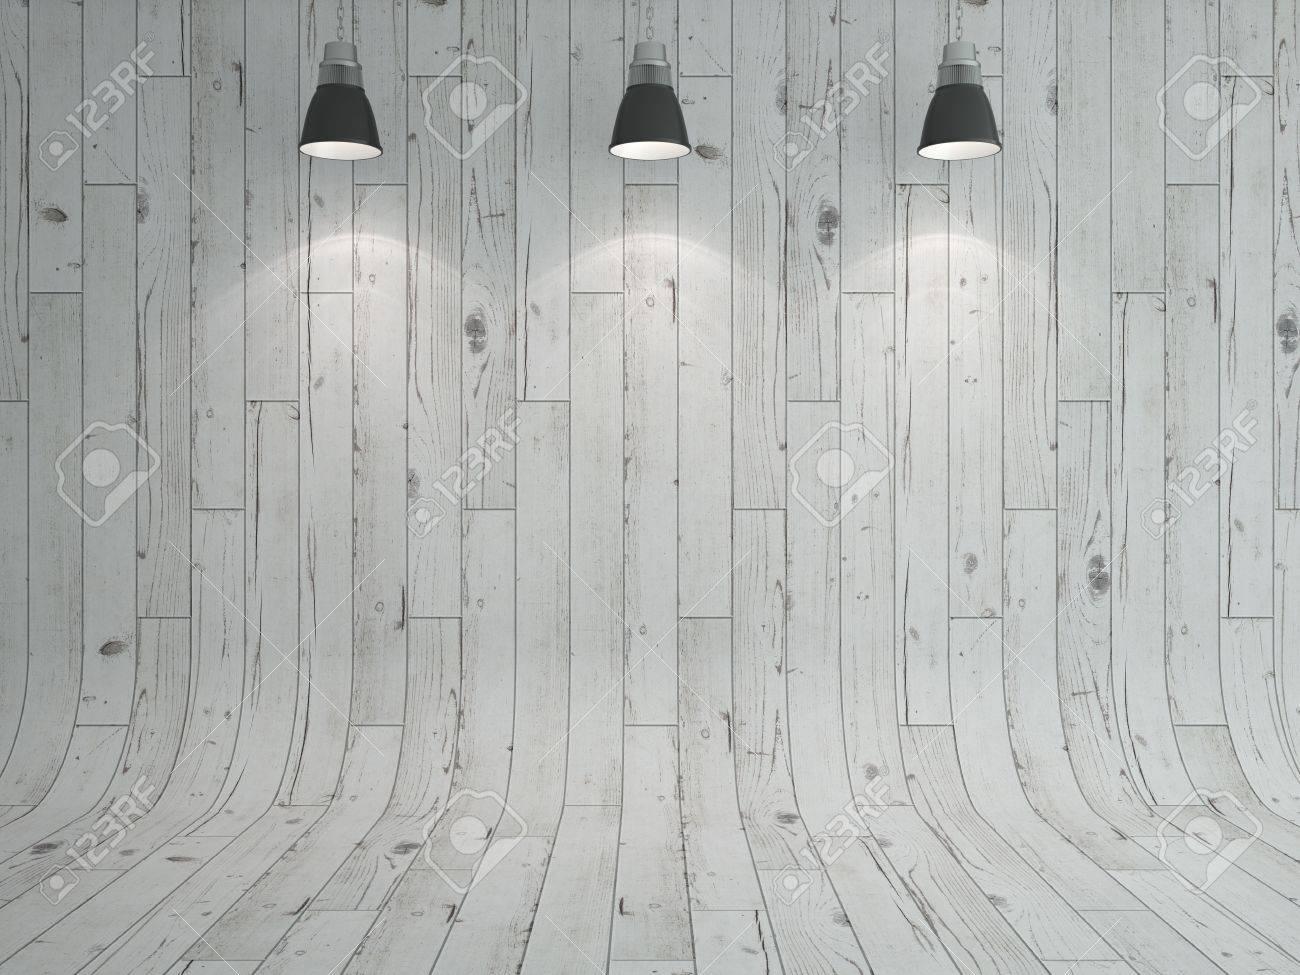 blanc bois stratifie et la lampe comme fond d ecran